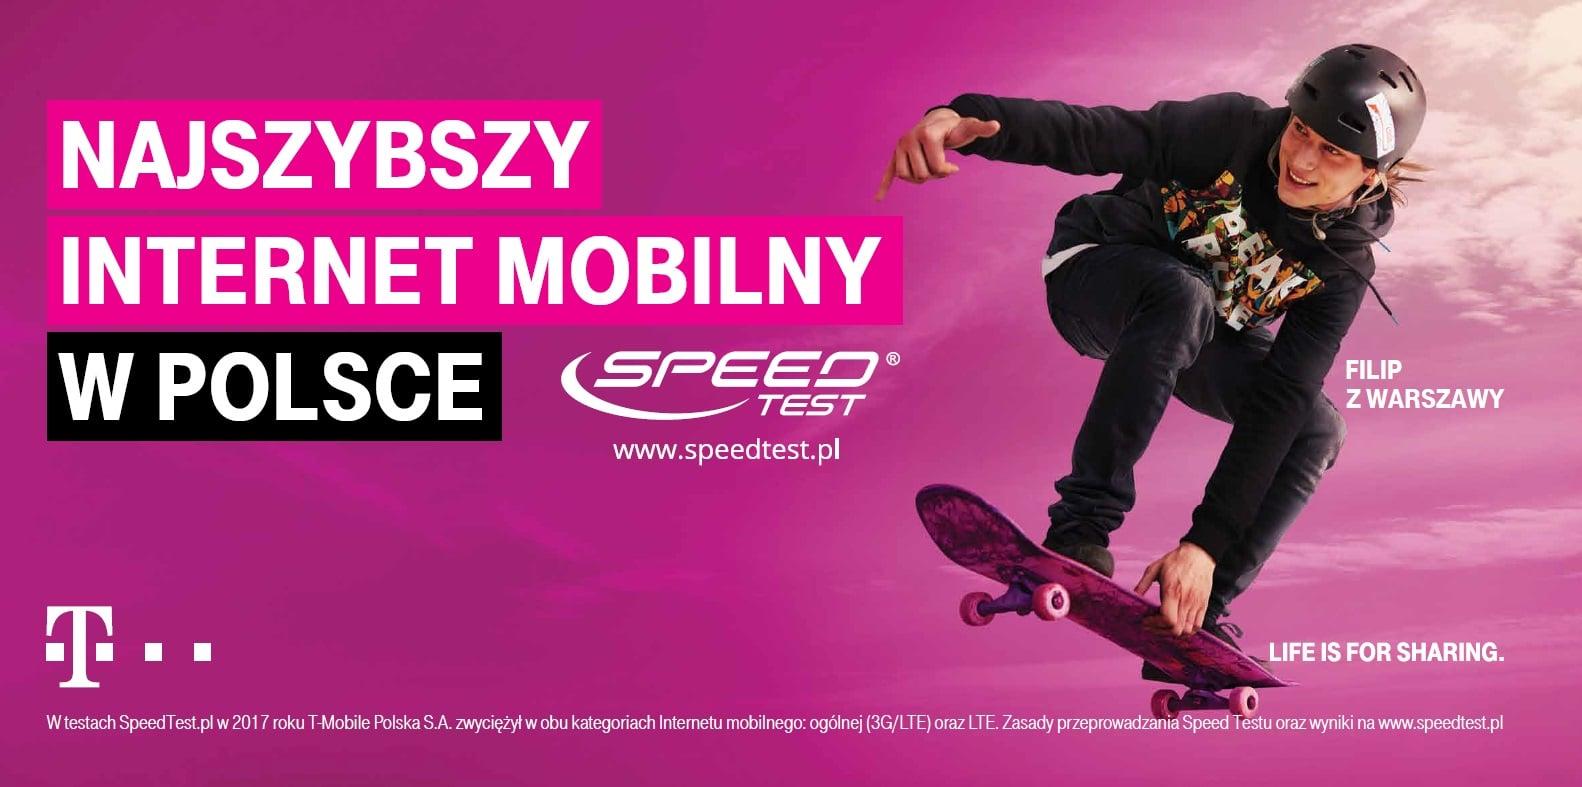 Promocja: albo będziesz zadowolony z usług T-Mobile, albo dostaniesz zwrot pieniędzy nawet za pół roku 16